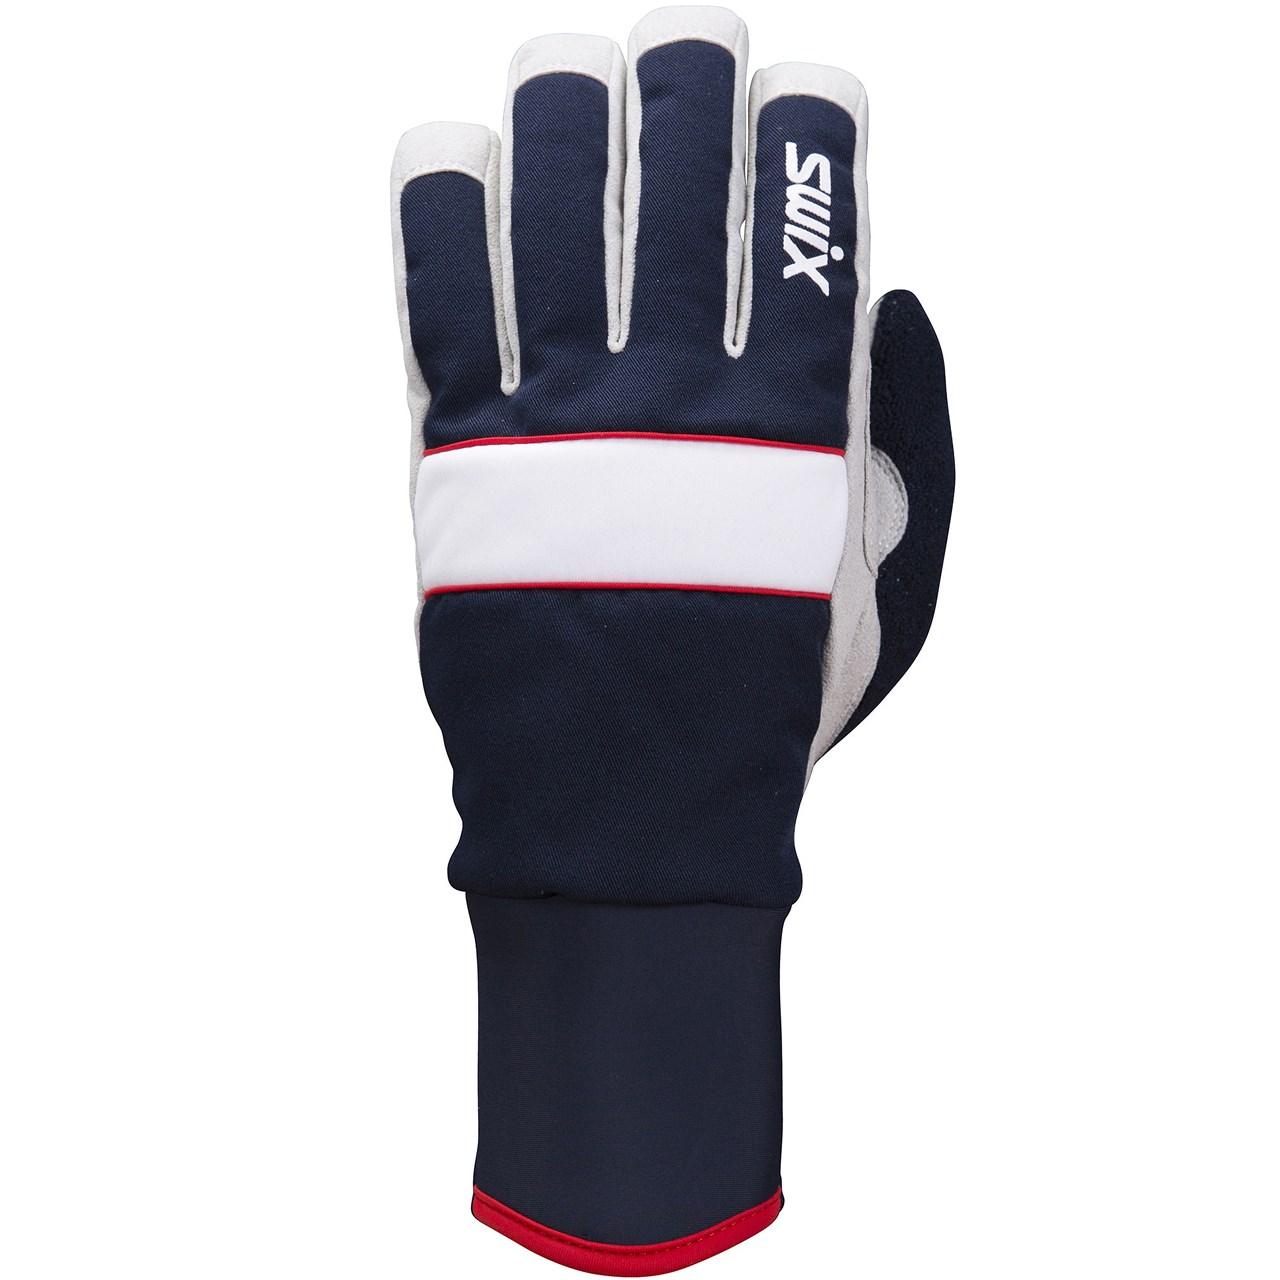 Powder glove